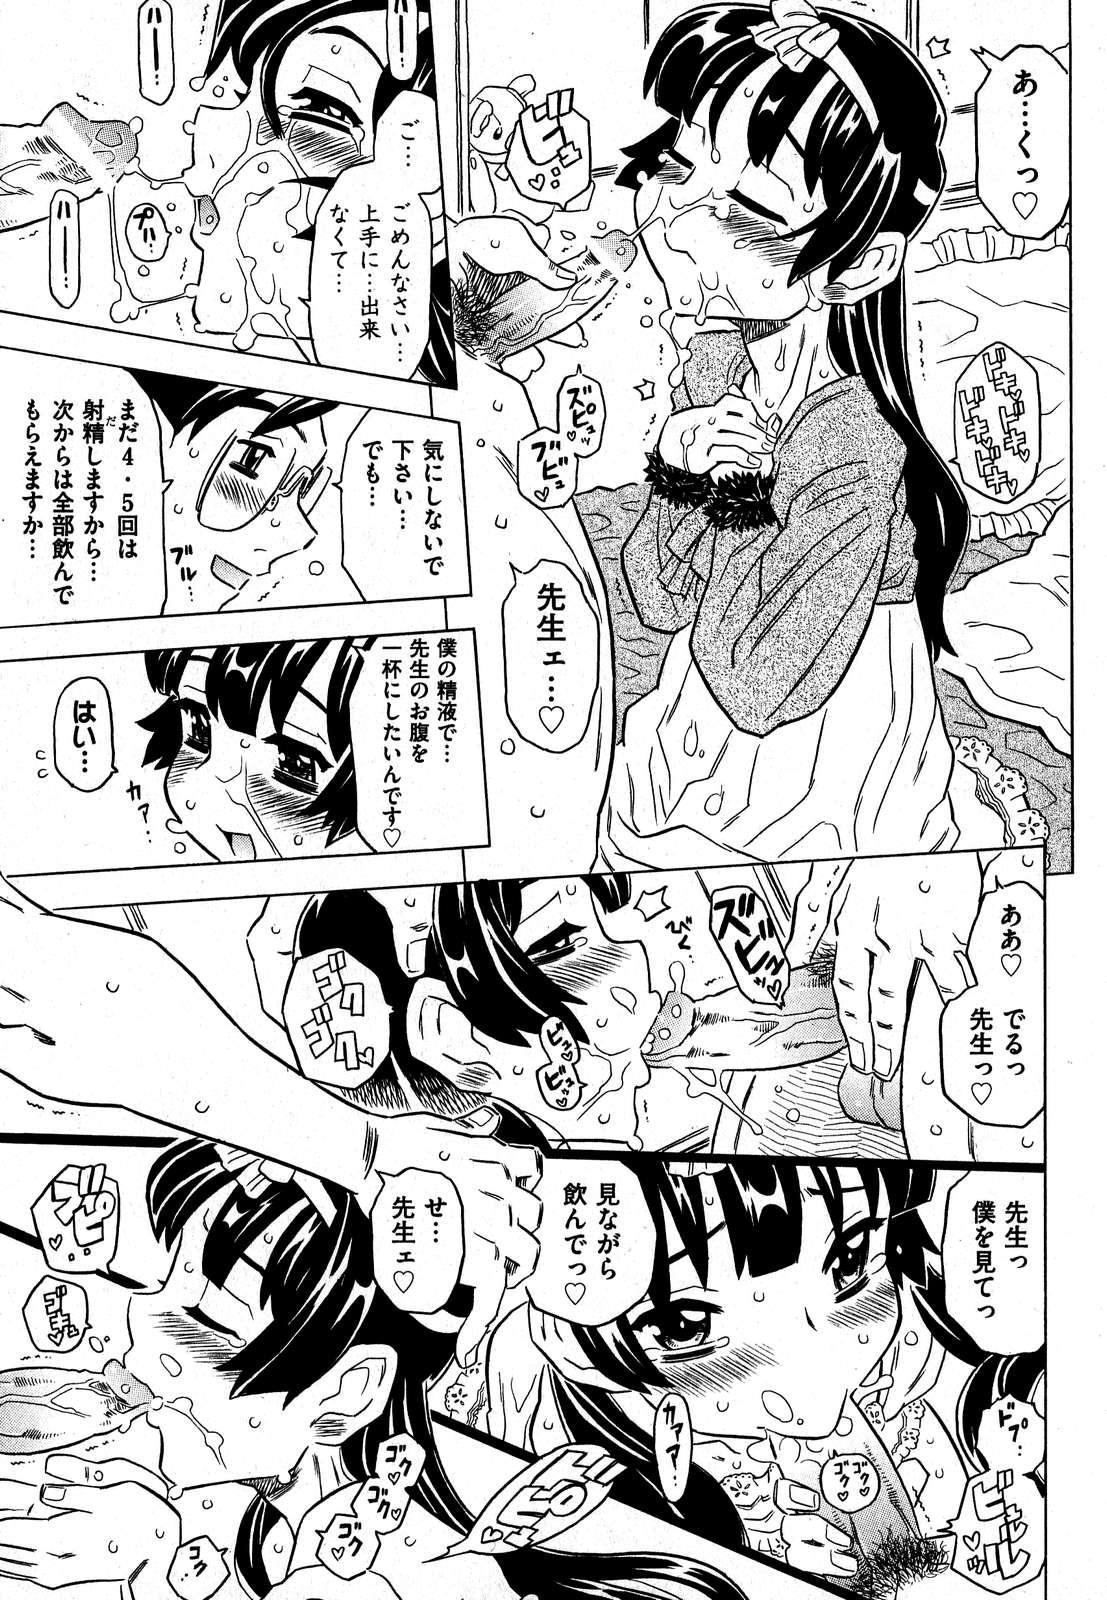 COMIC XO 2007-09 Vol. 16 44